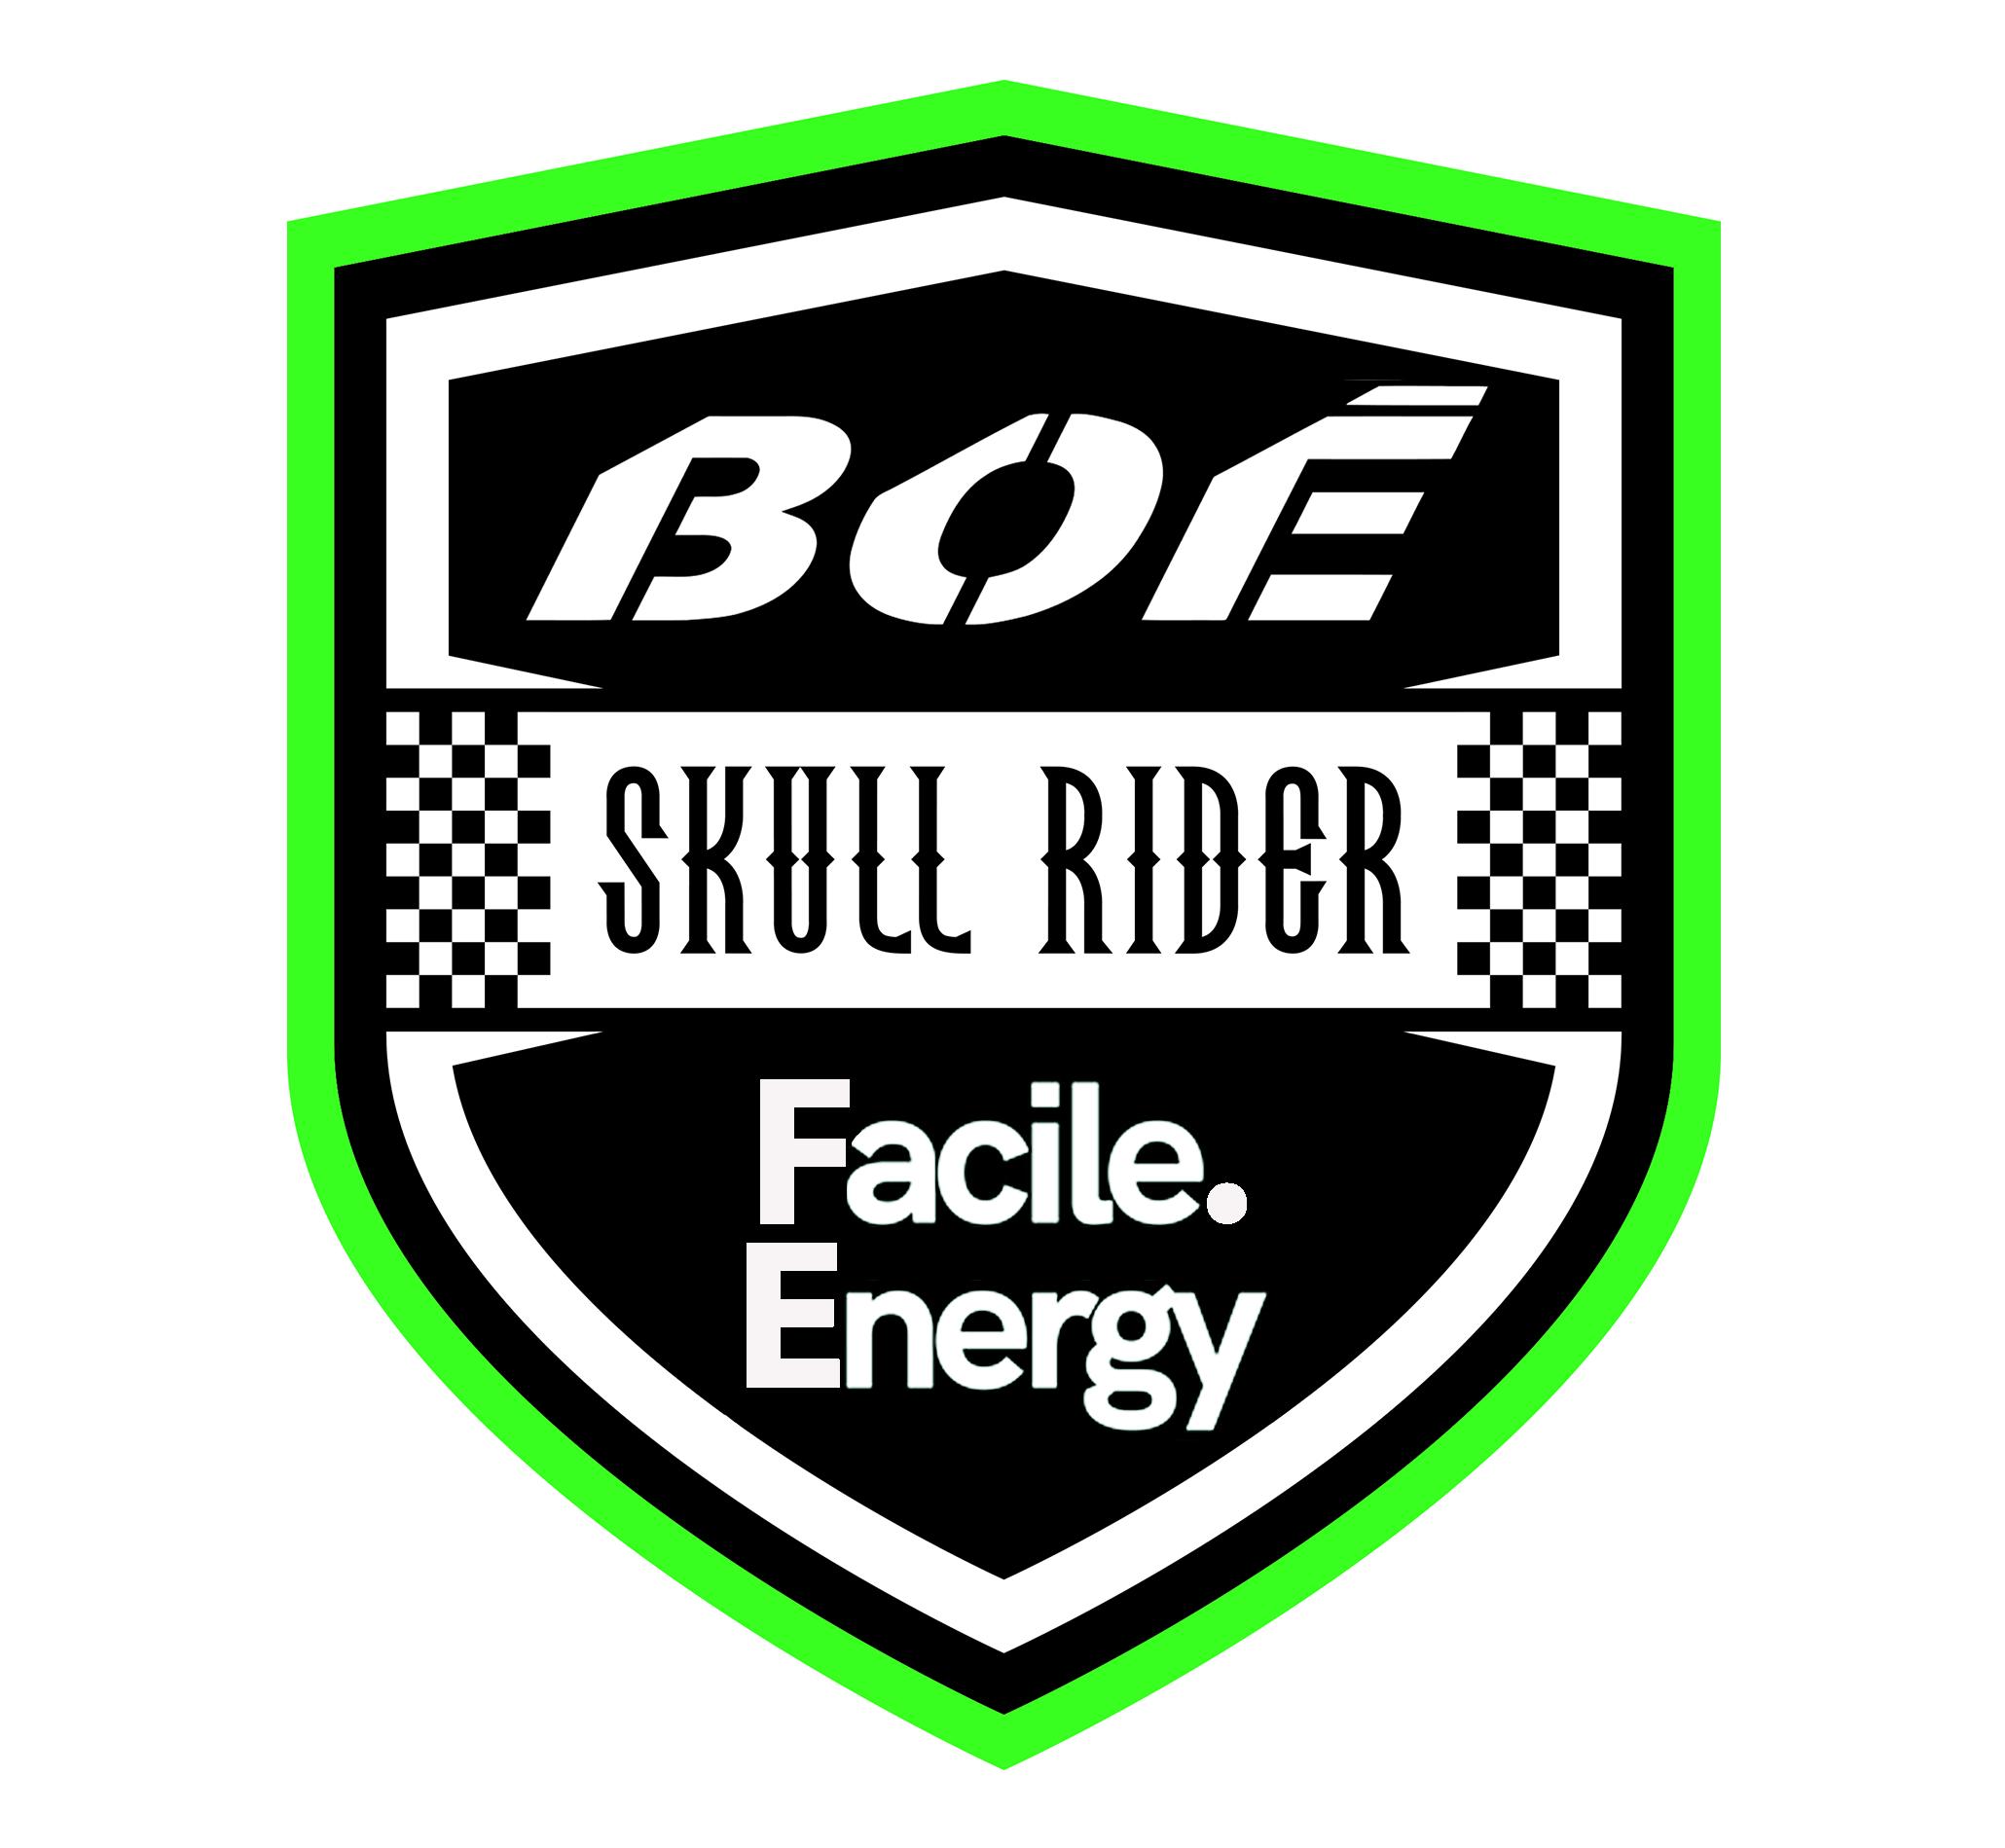 BOE SKULL RIDER FACILE ENERGY